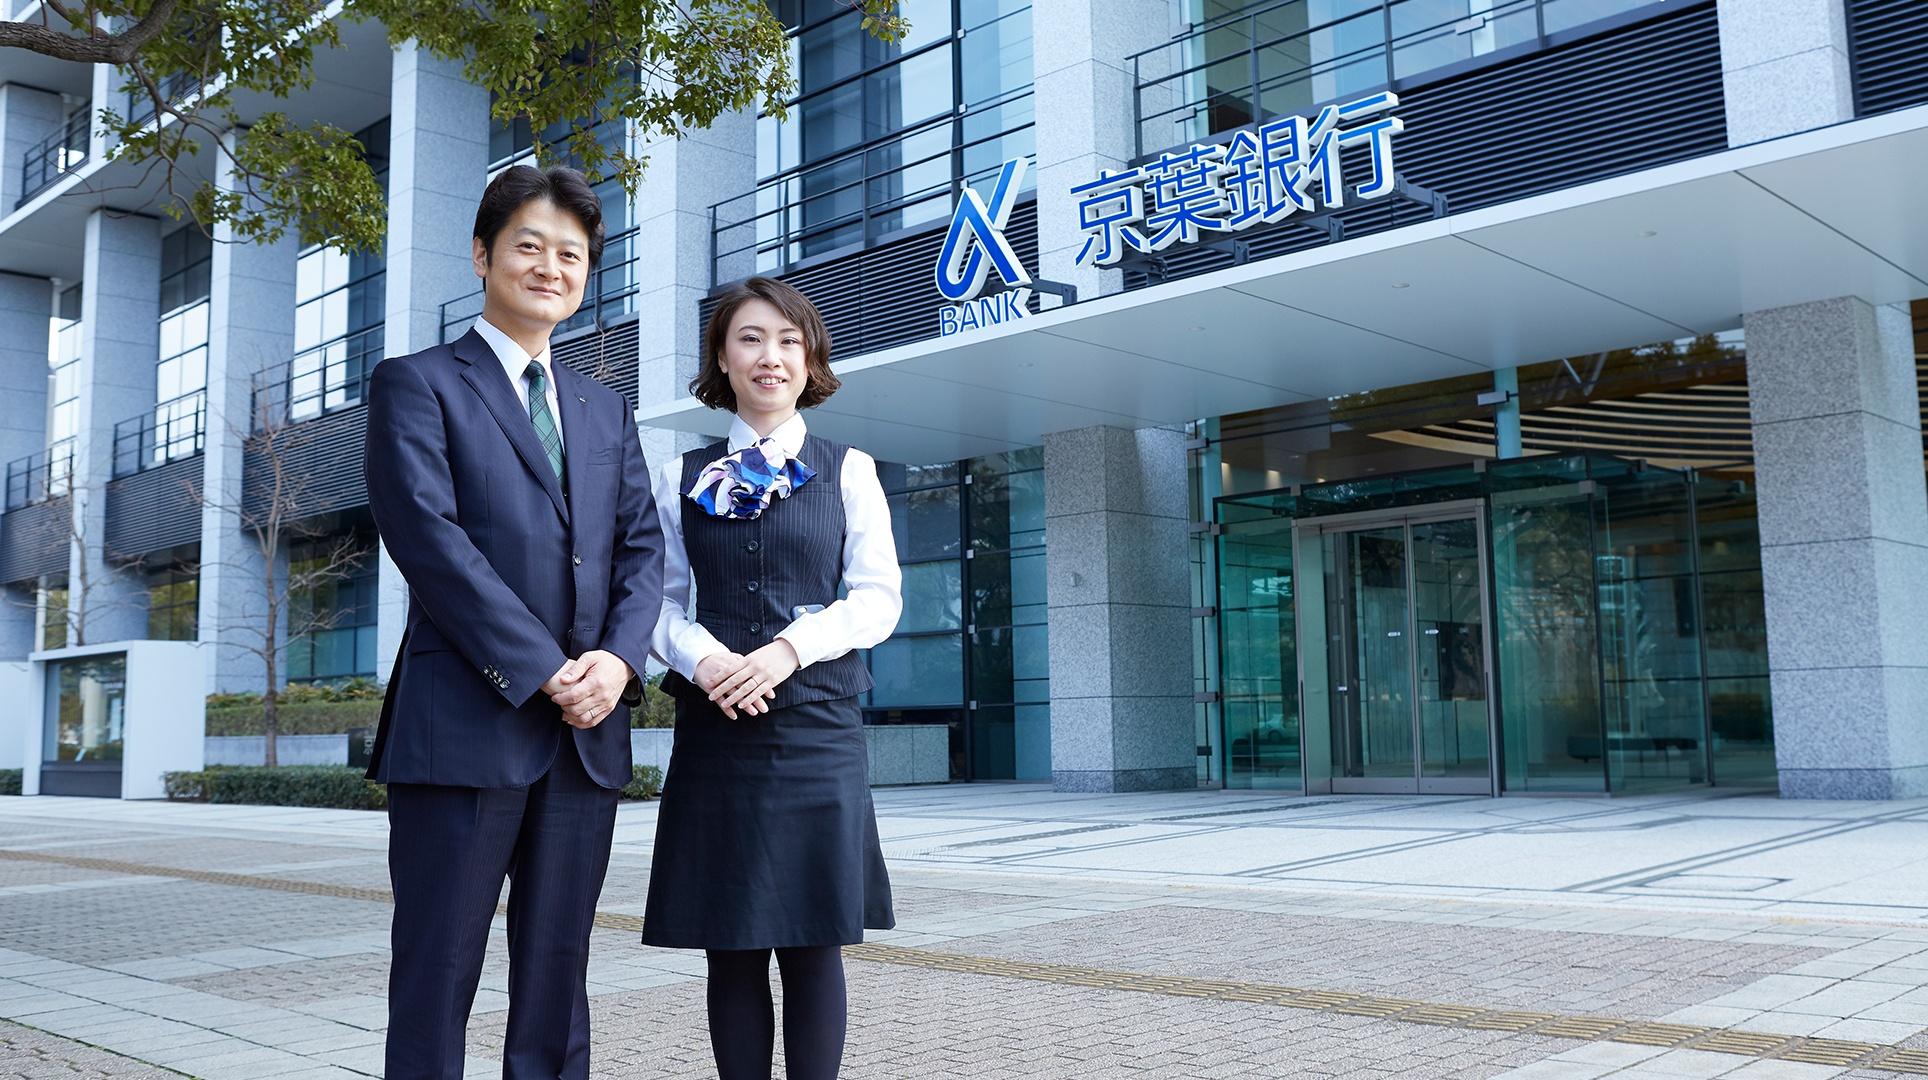 Keiyo Bank last